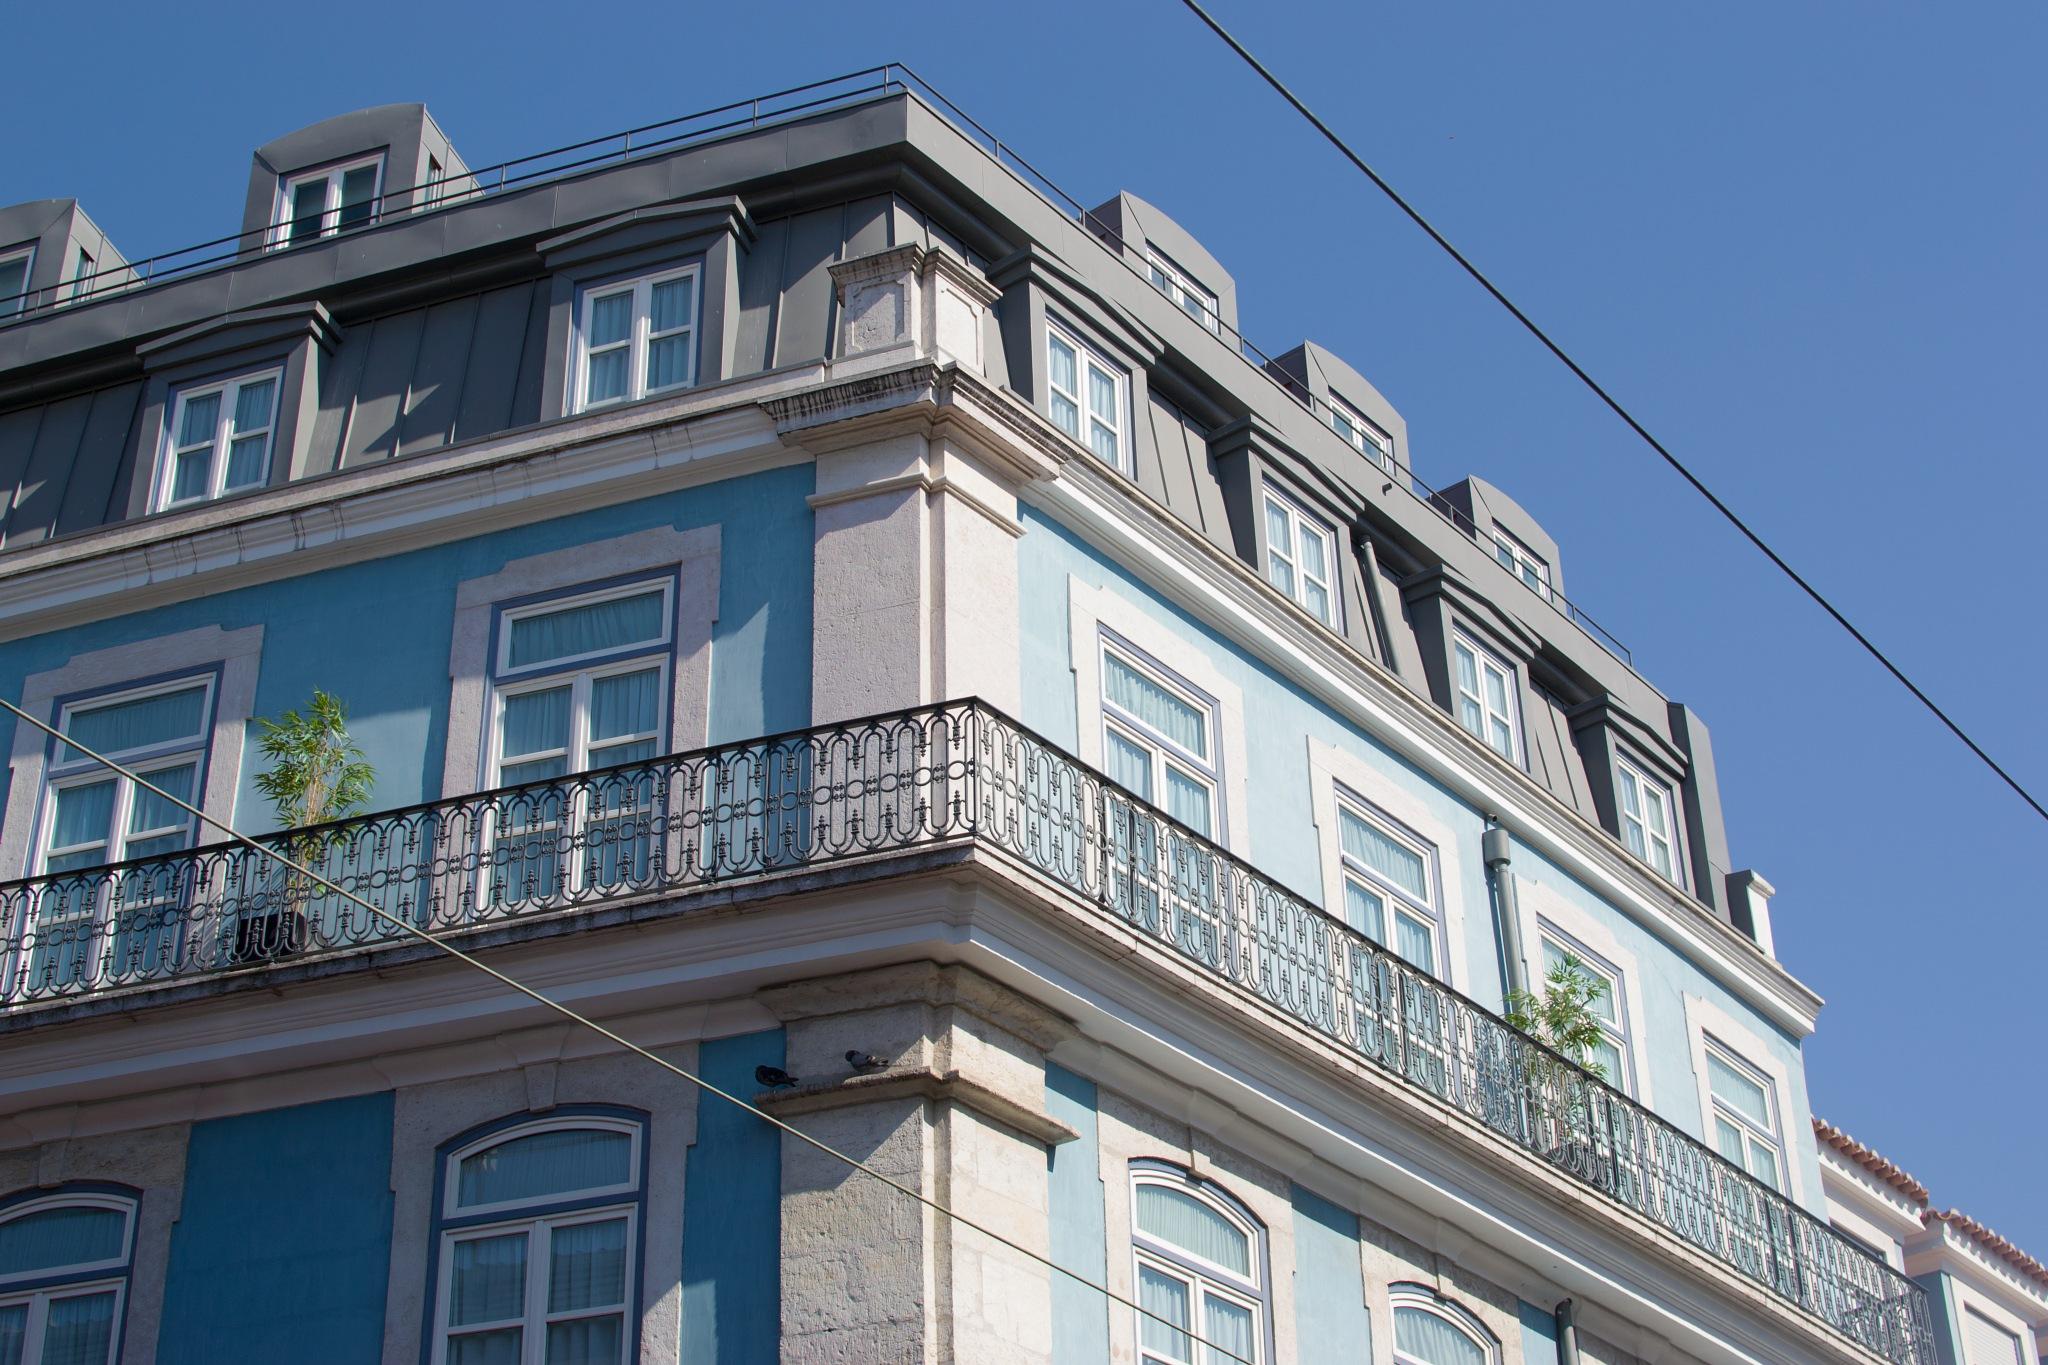 A corner of Lisbon by miid0u